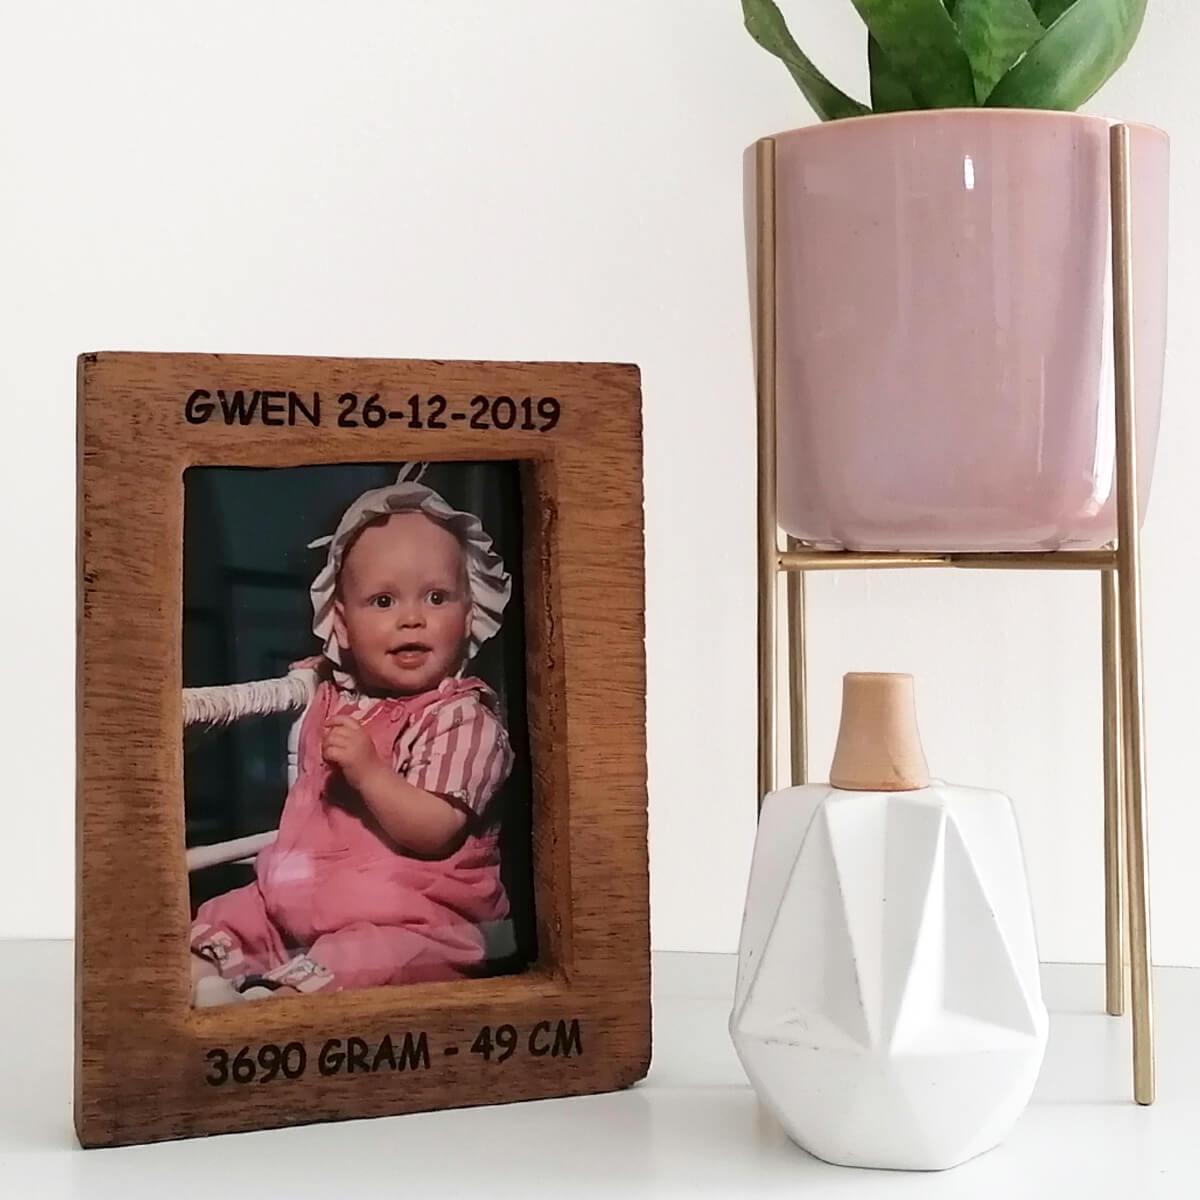 Wij personaliseren deze houten fotolijst gratis